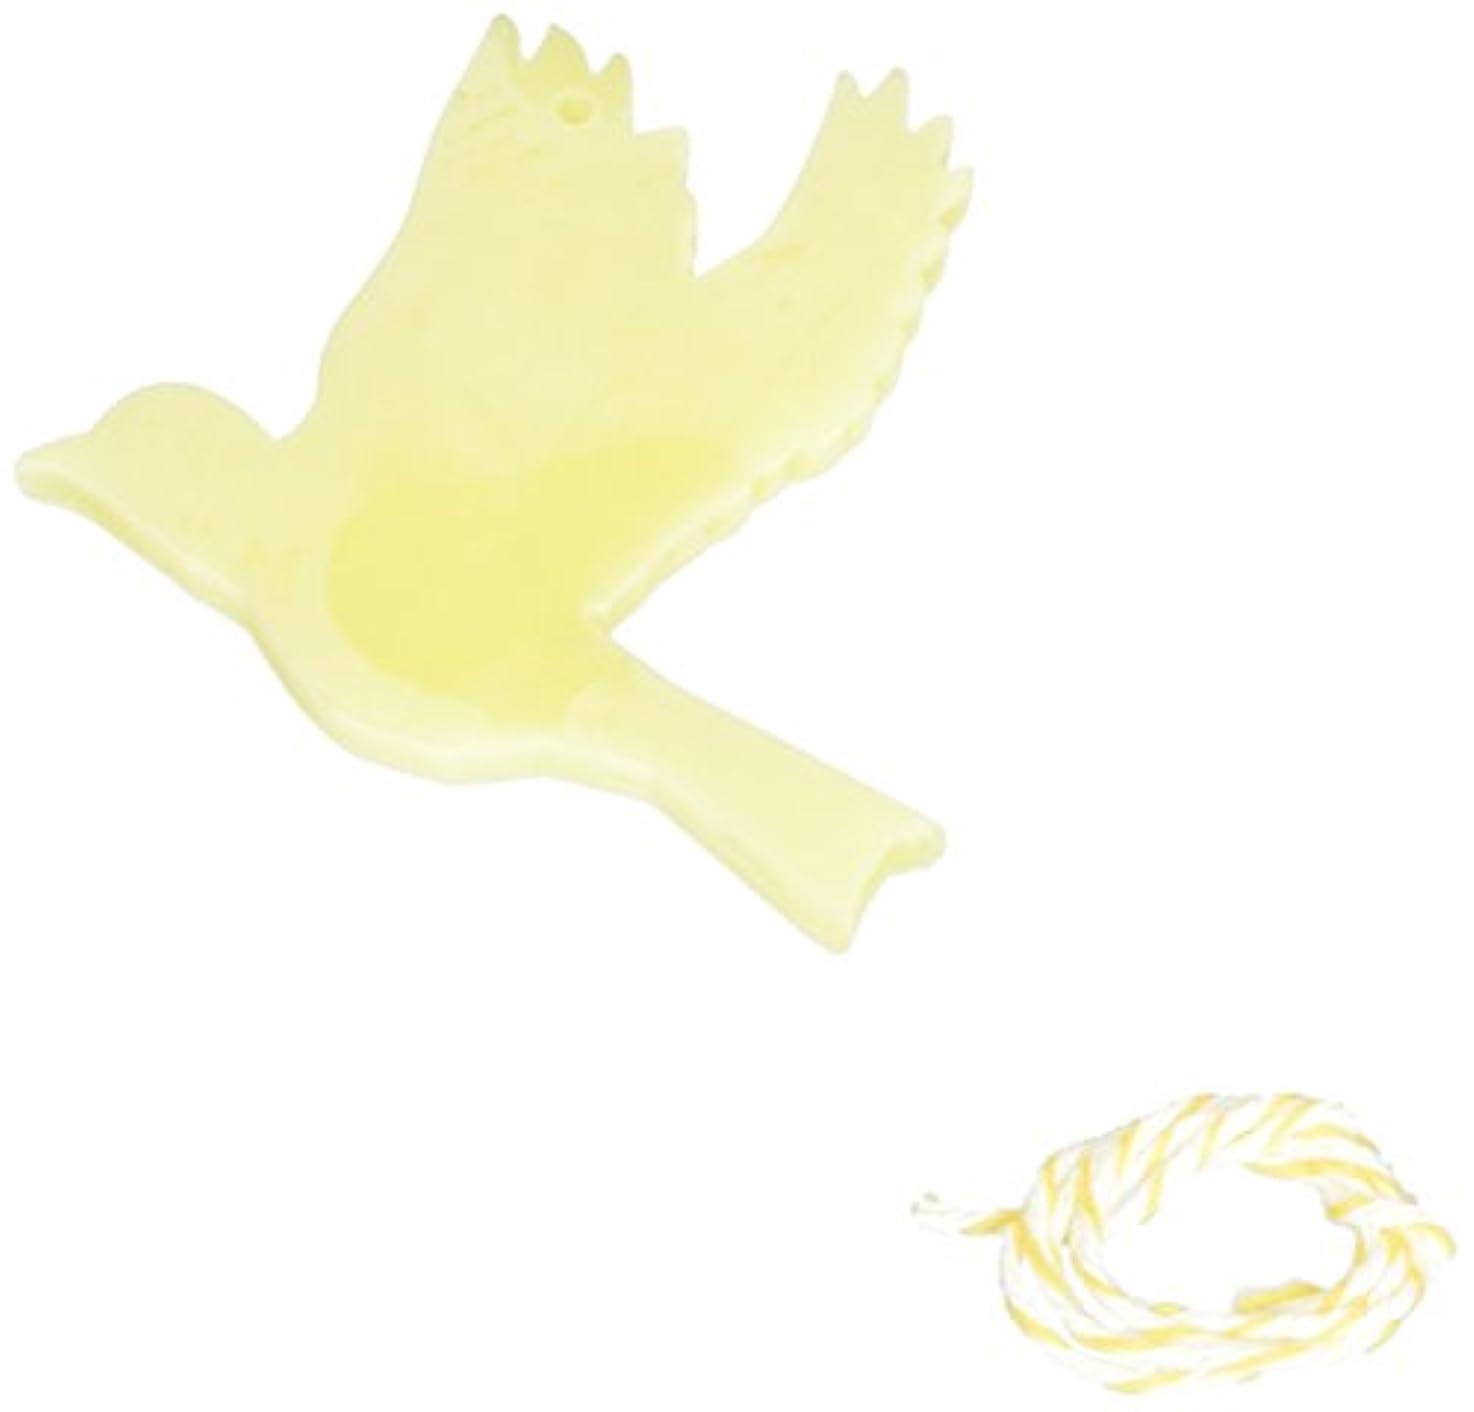 人柄将来の加害者GRASSE TOKYO AROMATICWAXチャーム「ハト」(YE) ベルガモット アロマティックワックス グラーストウキョウ